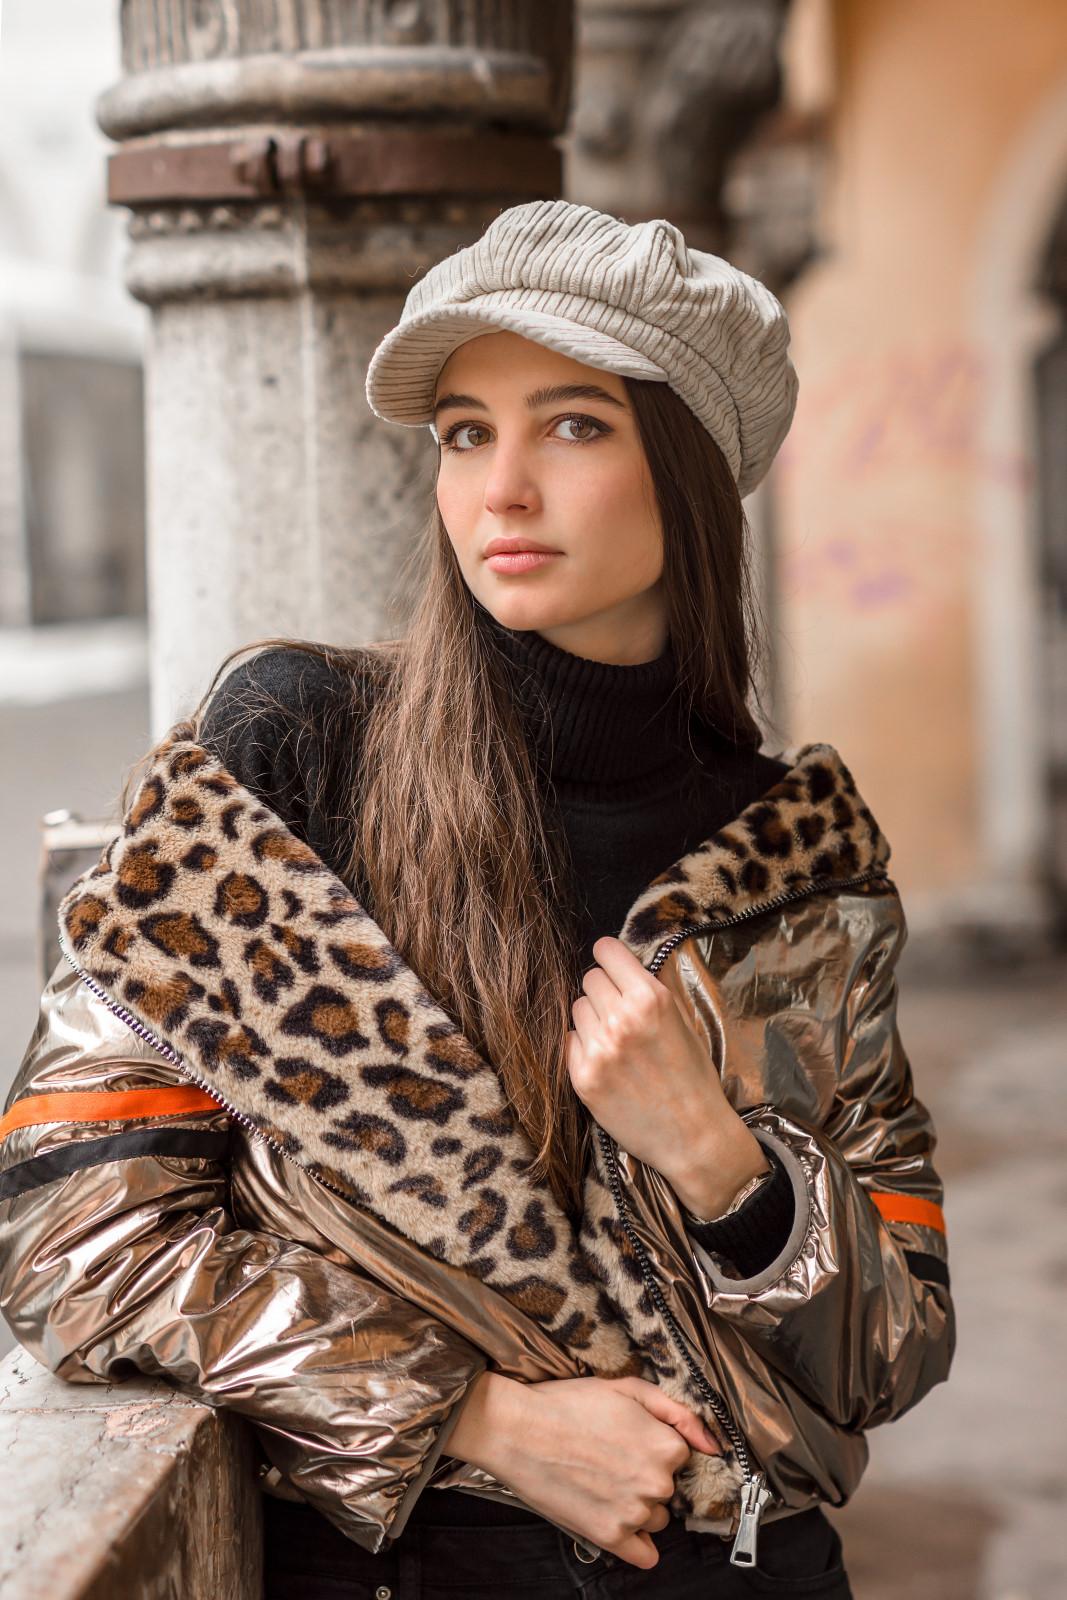 Clizia_20190119_choice_lq_017_5.JPG